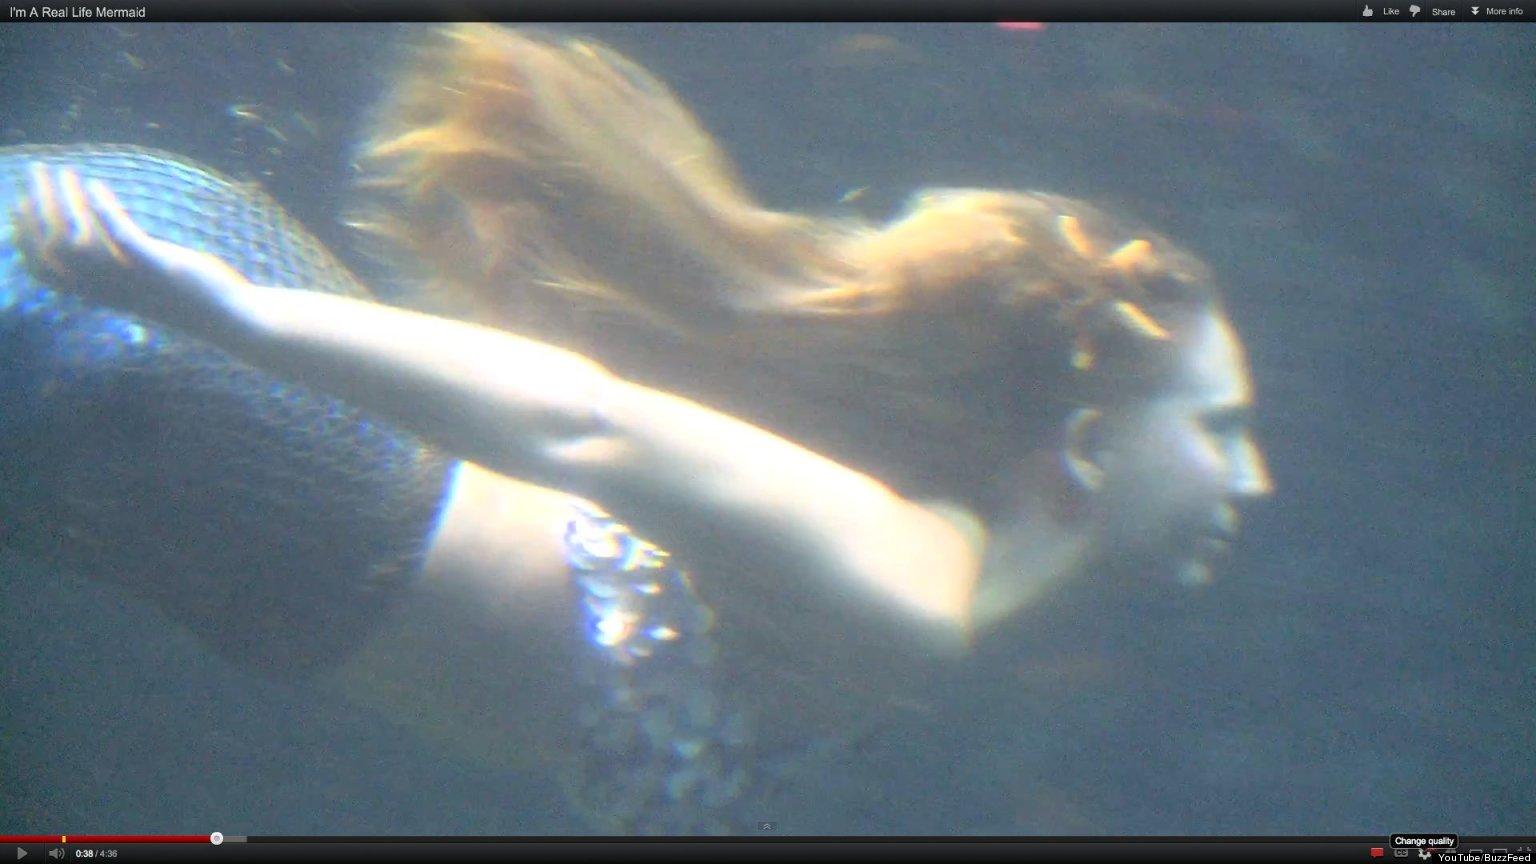 Real Life Mermaids In Florida Aquarium (VIDEO)   HuffPost